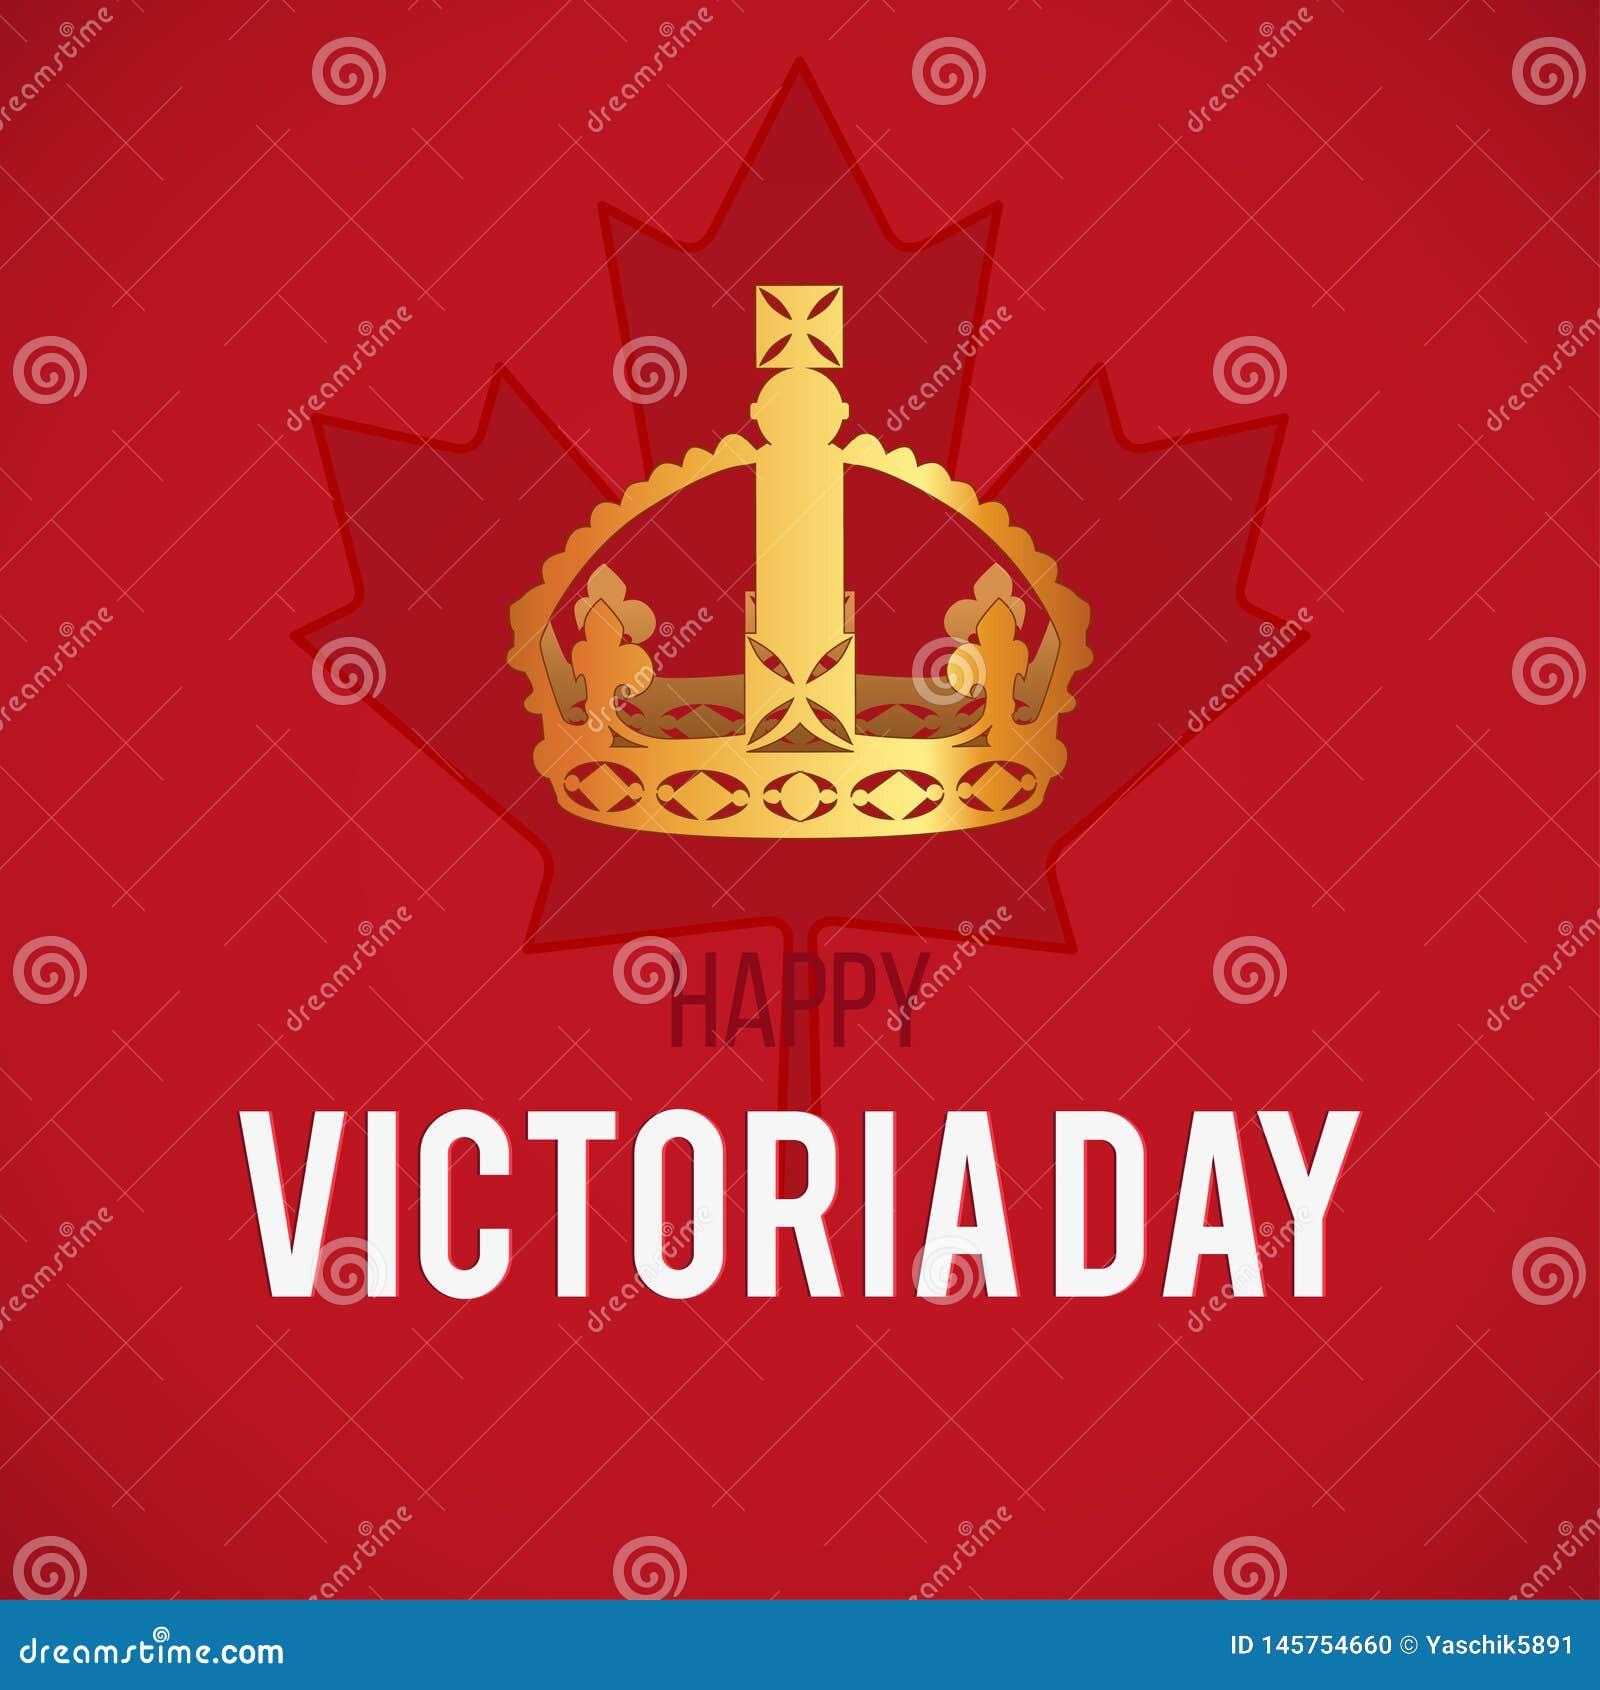 Κάρτα ημέρας Βικτώριας με τη σημαία του Καναδά και την κορώνα, διάνυσμα